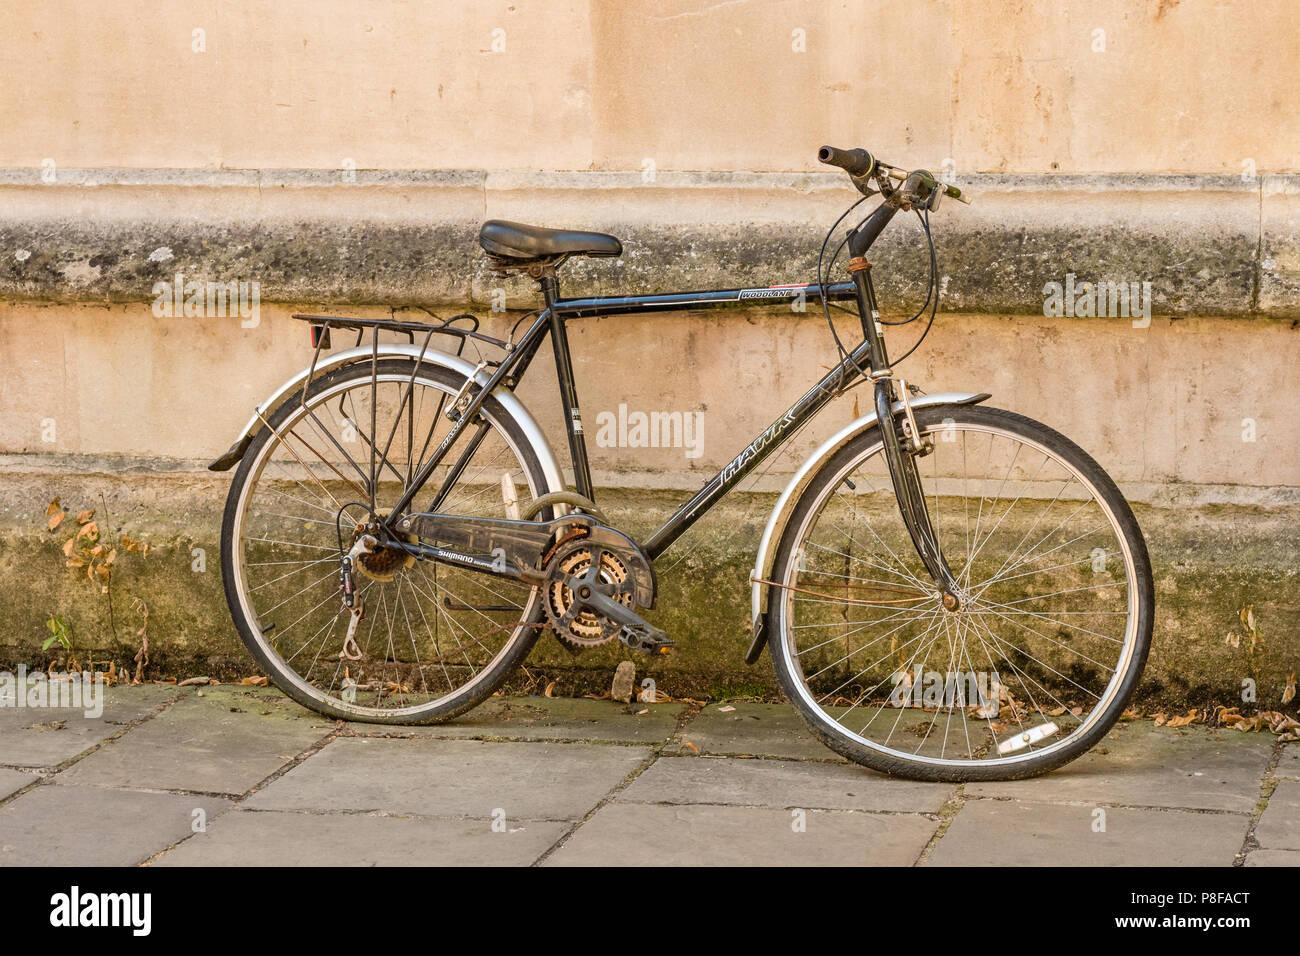 Fahrrad Mit Einem Verbogenen Rad Lugen Gegen Eine Wand In Oxford